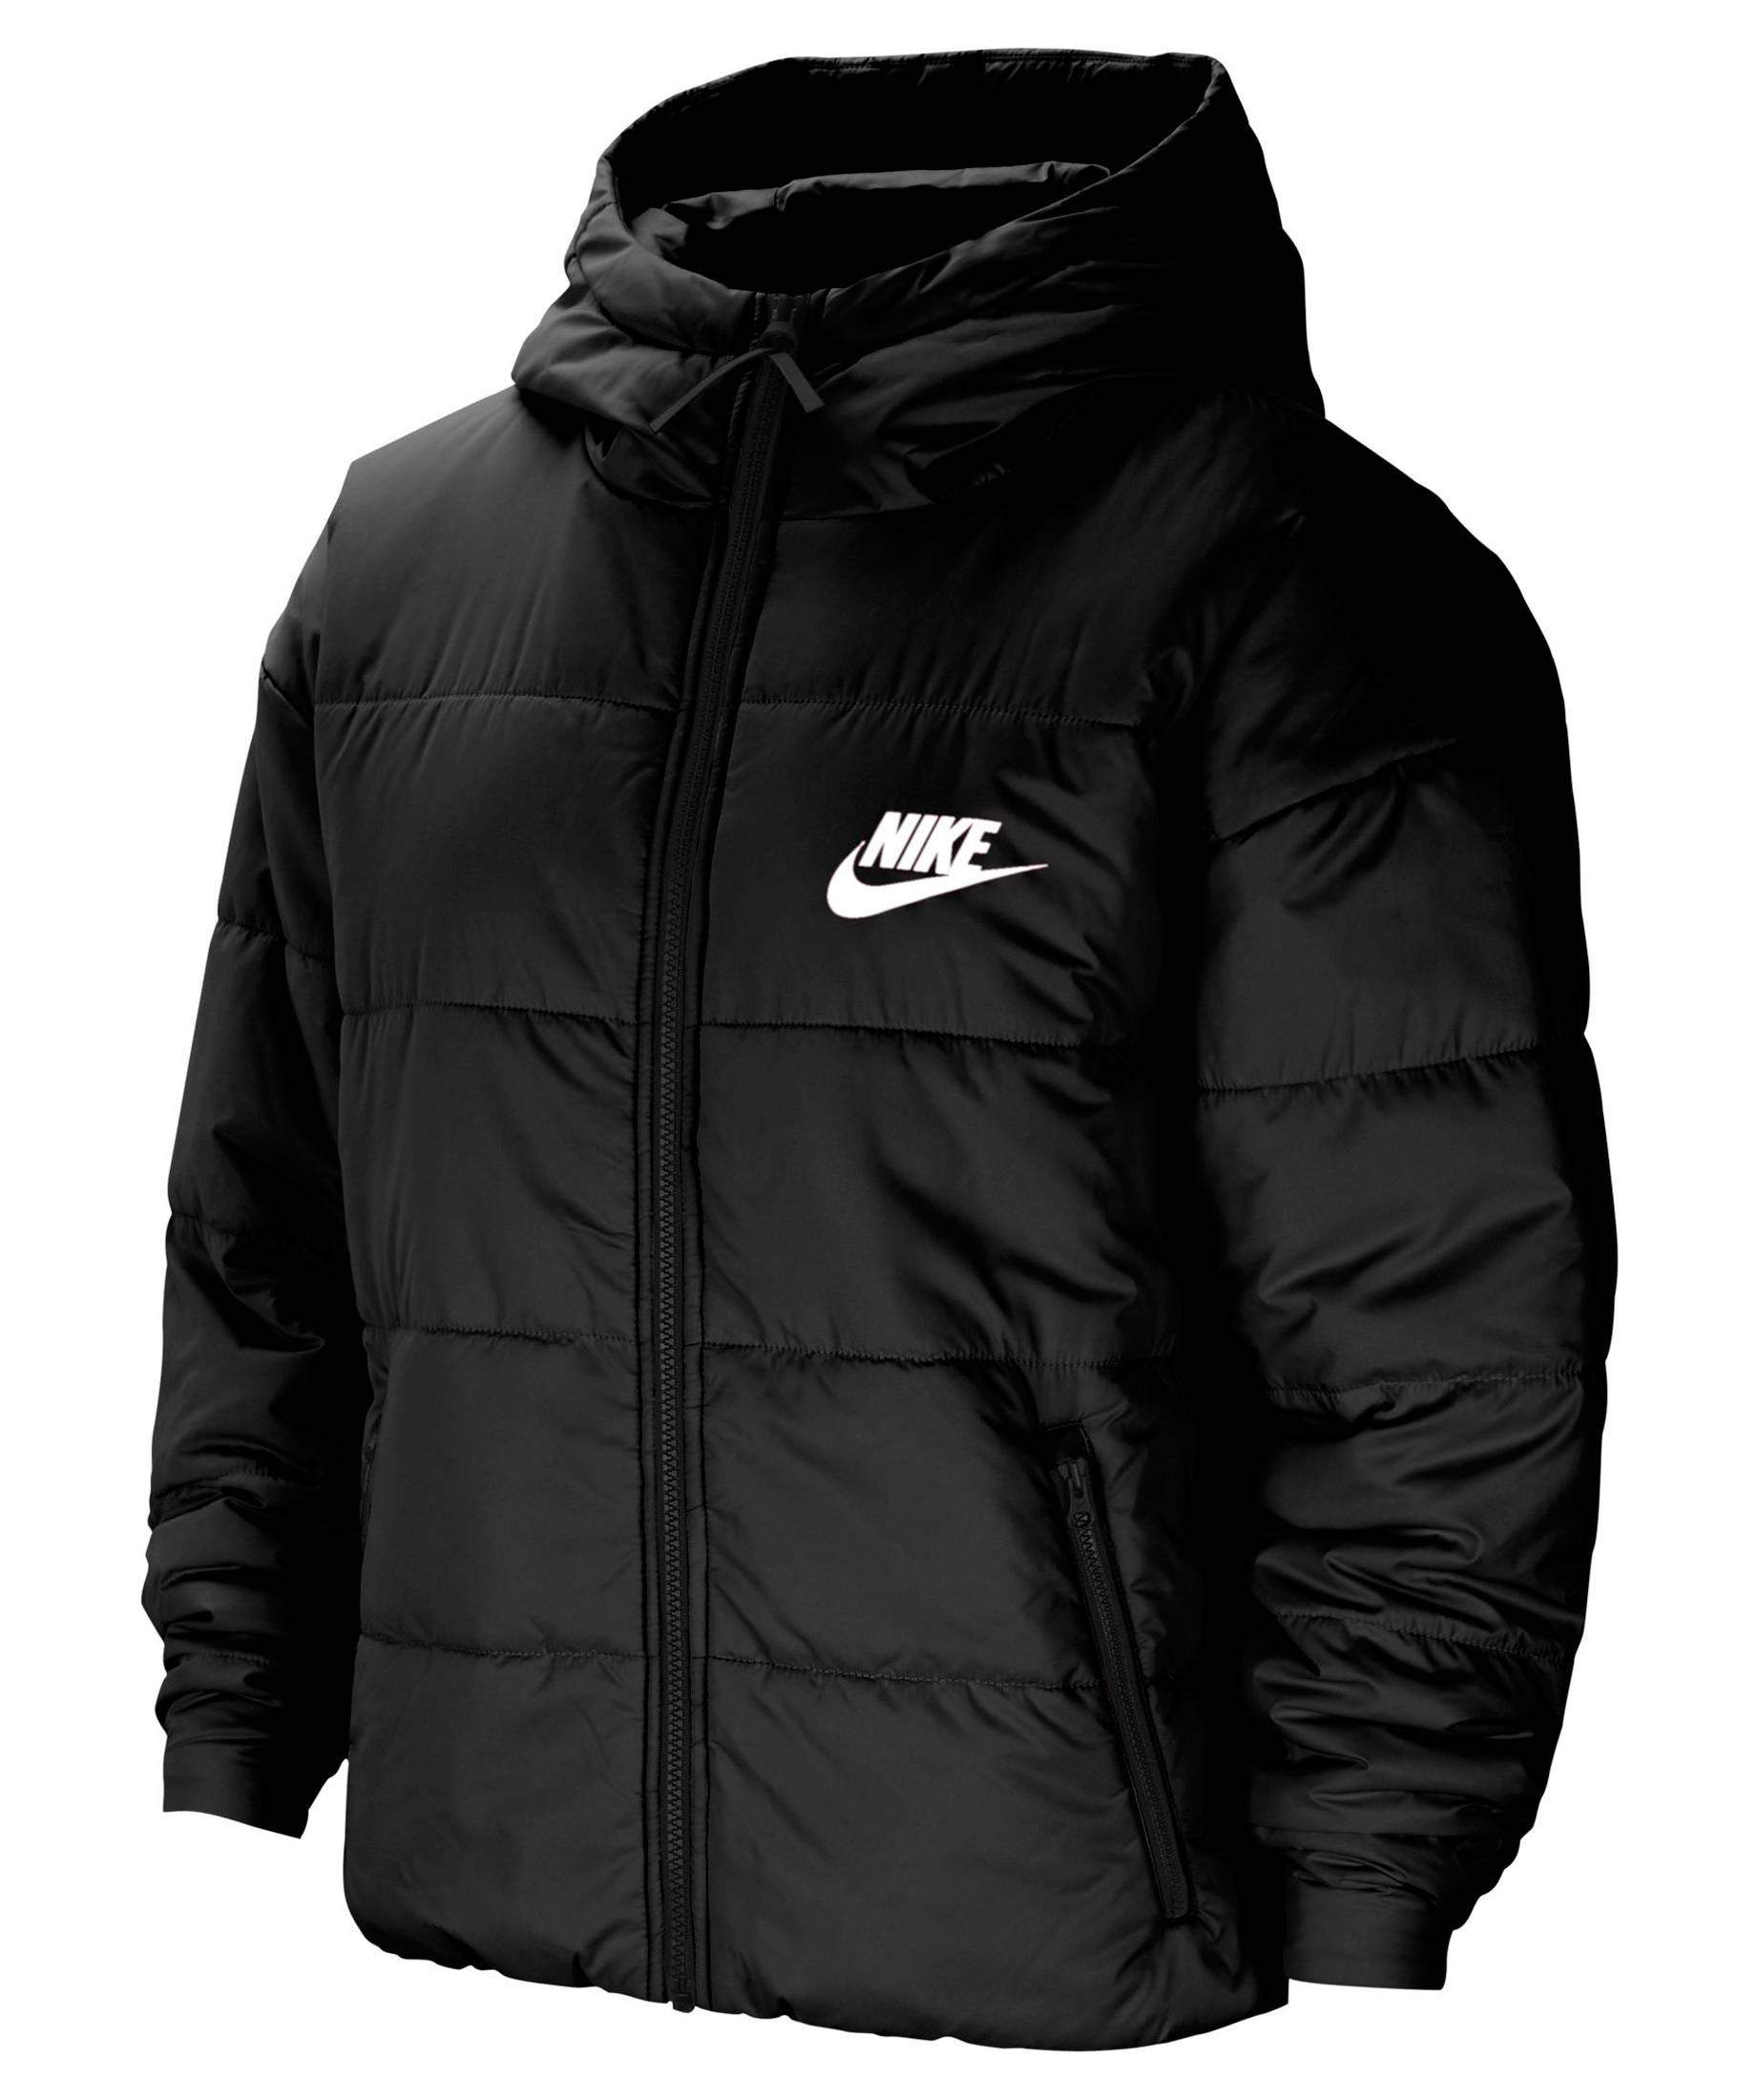 Nike Steppjacke Damen